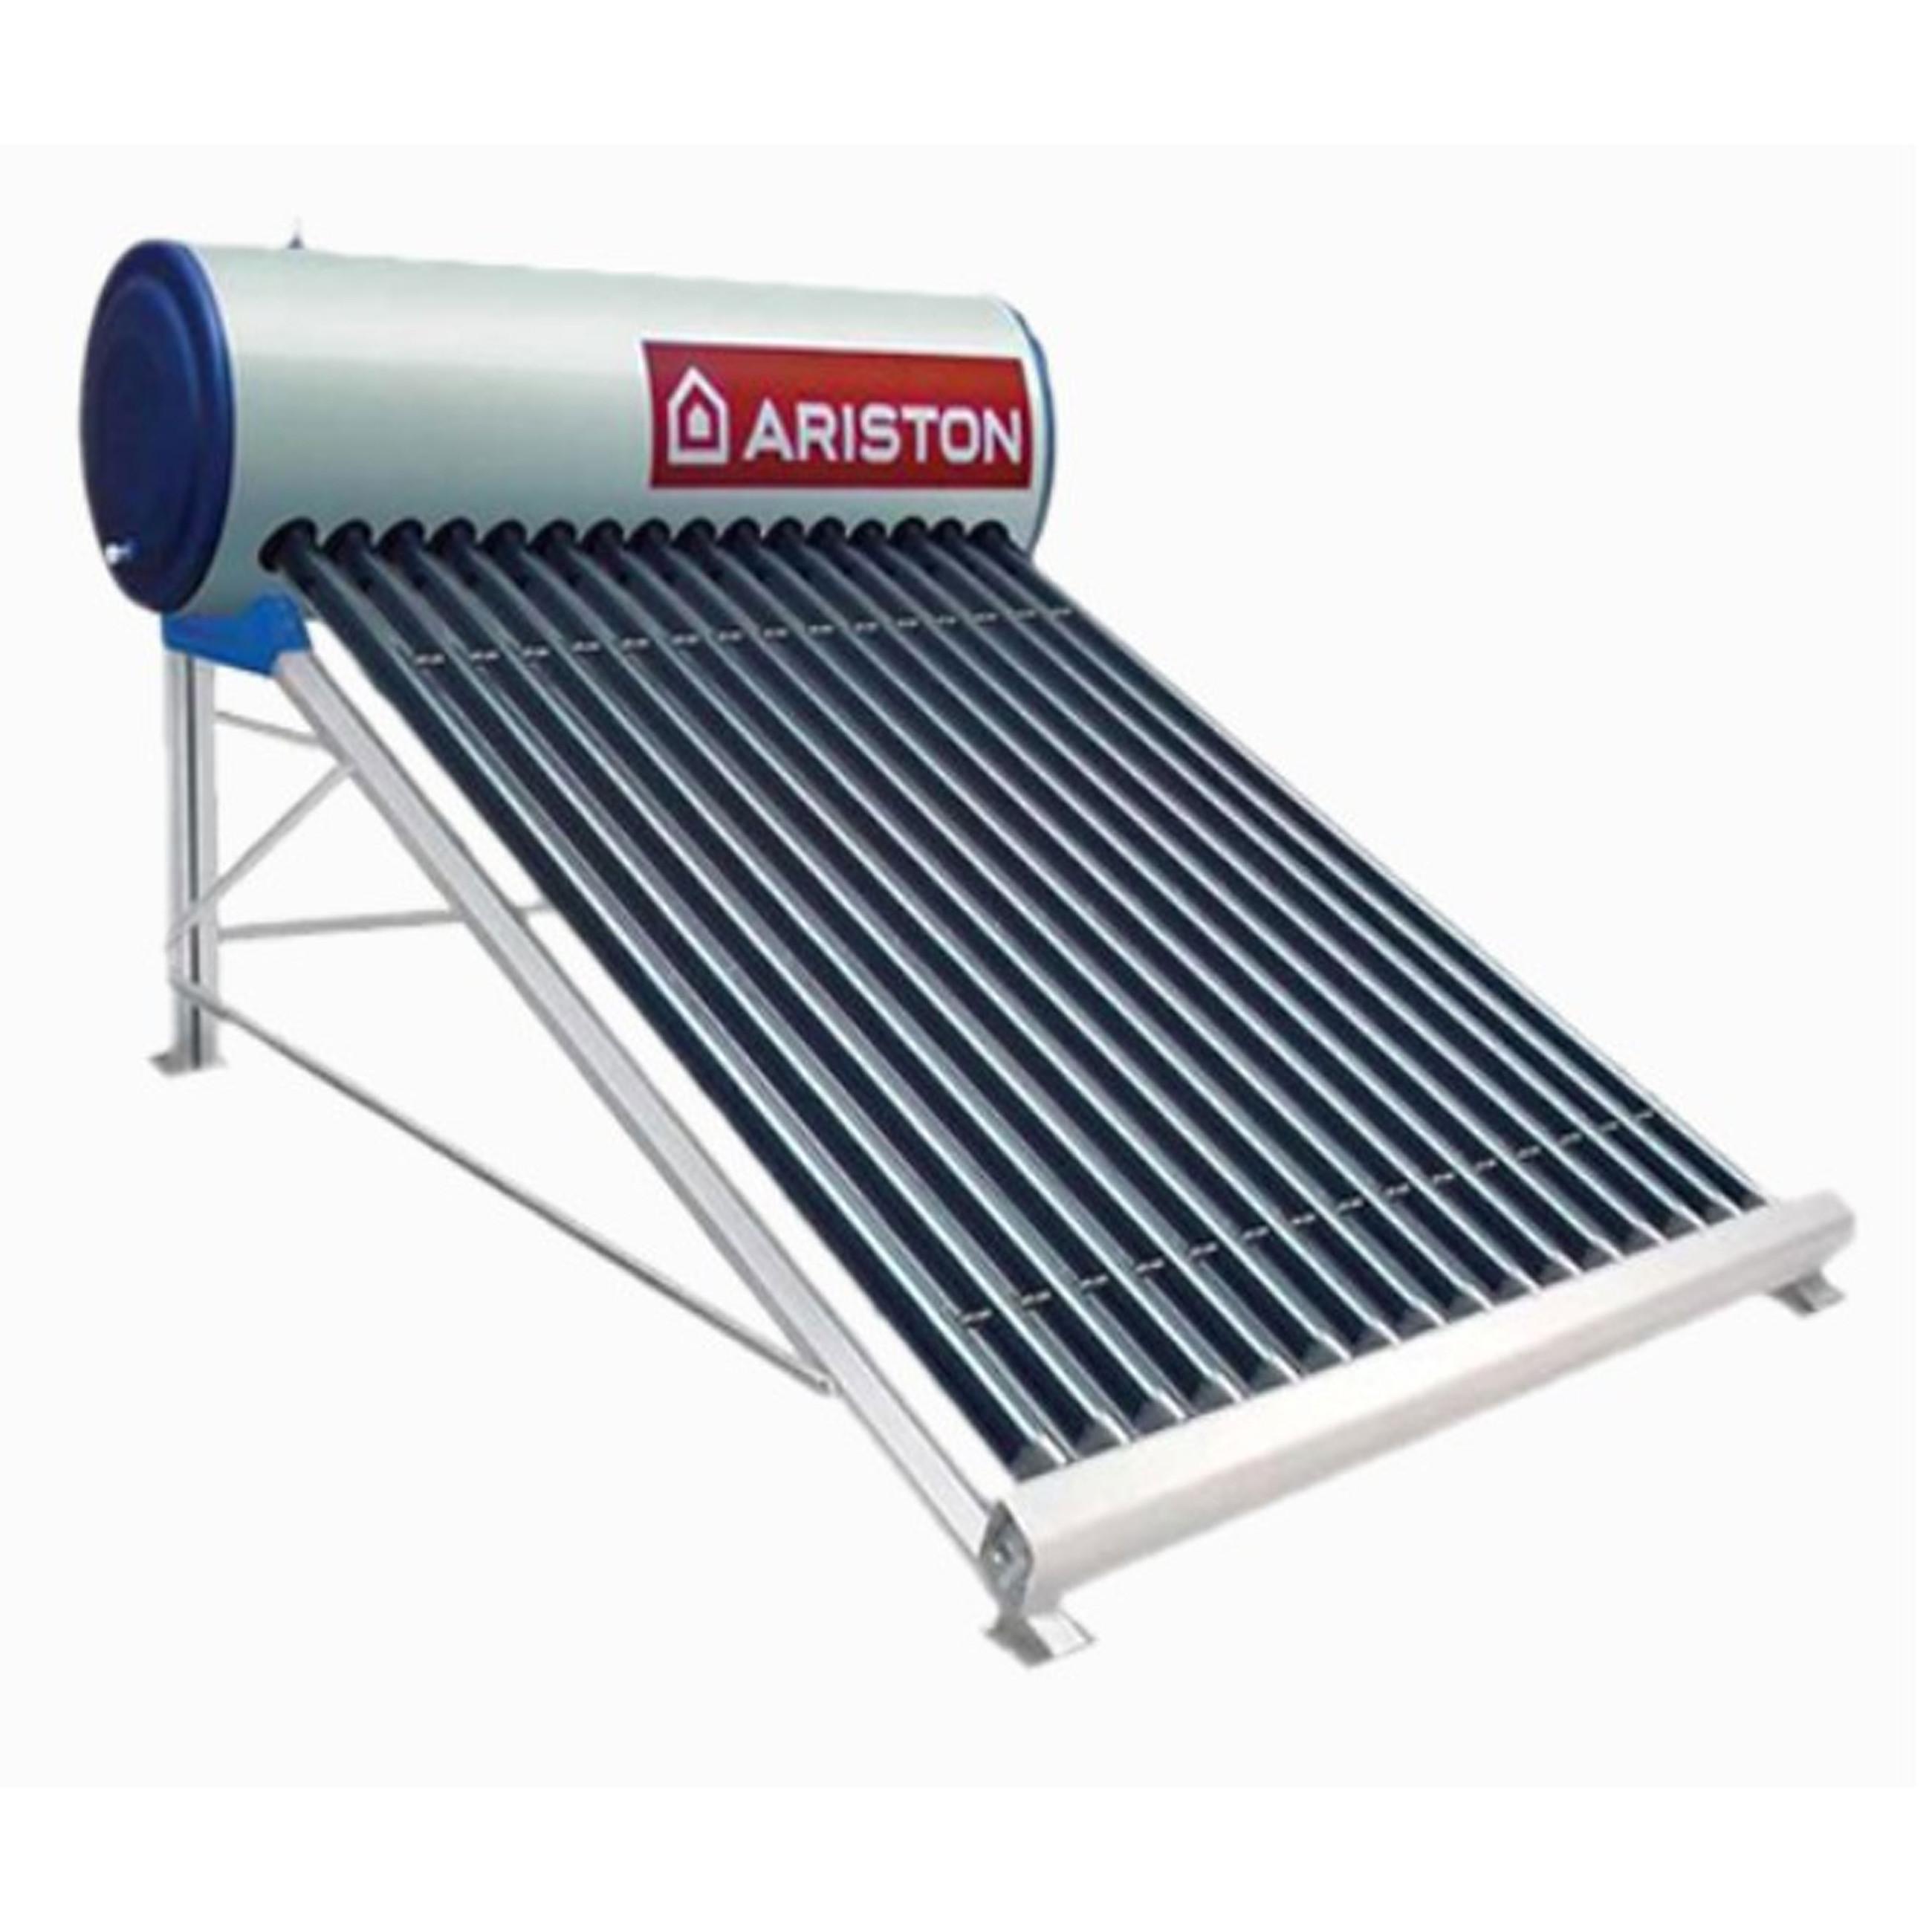 Máy nước nóng NLMT Ariston ECO 1812 25 T N SS (150L) - Hàng chính hãng (chỉ giao HCM)